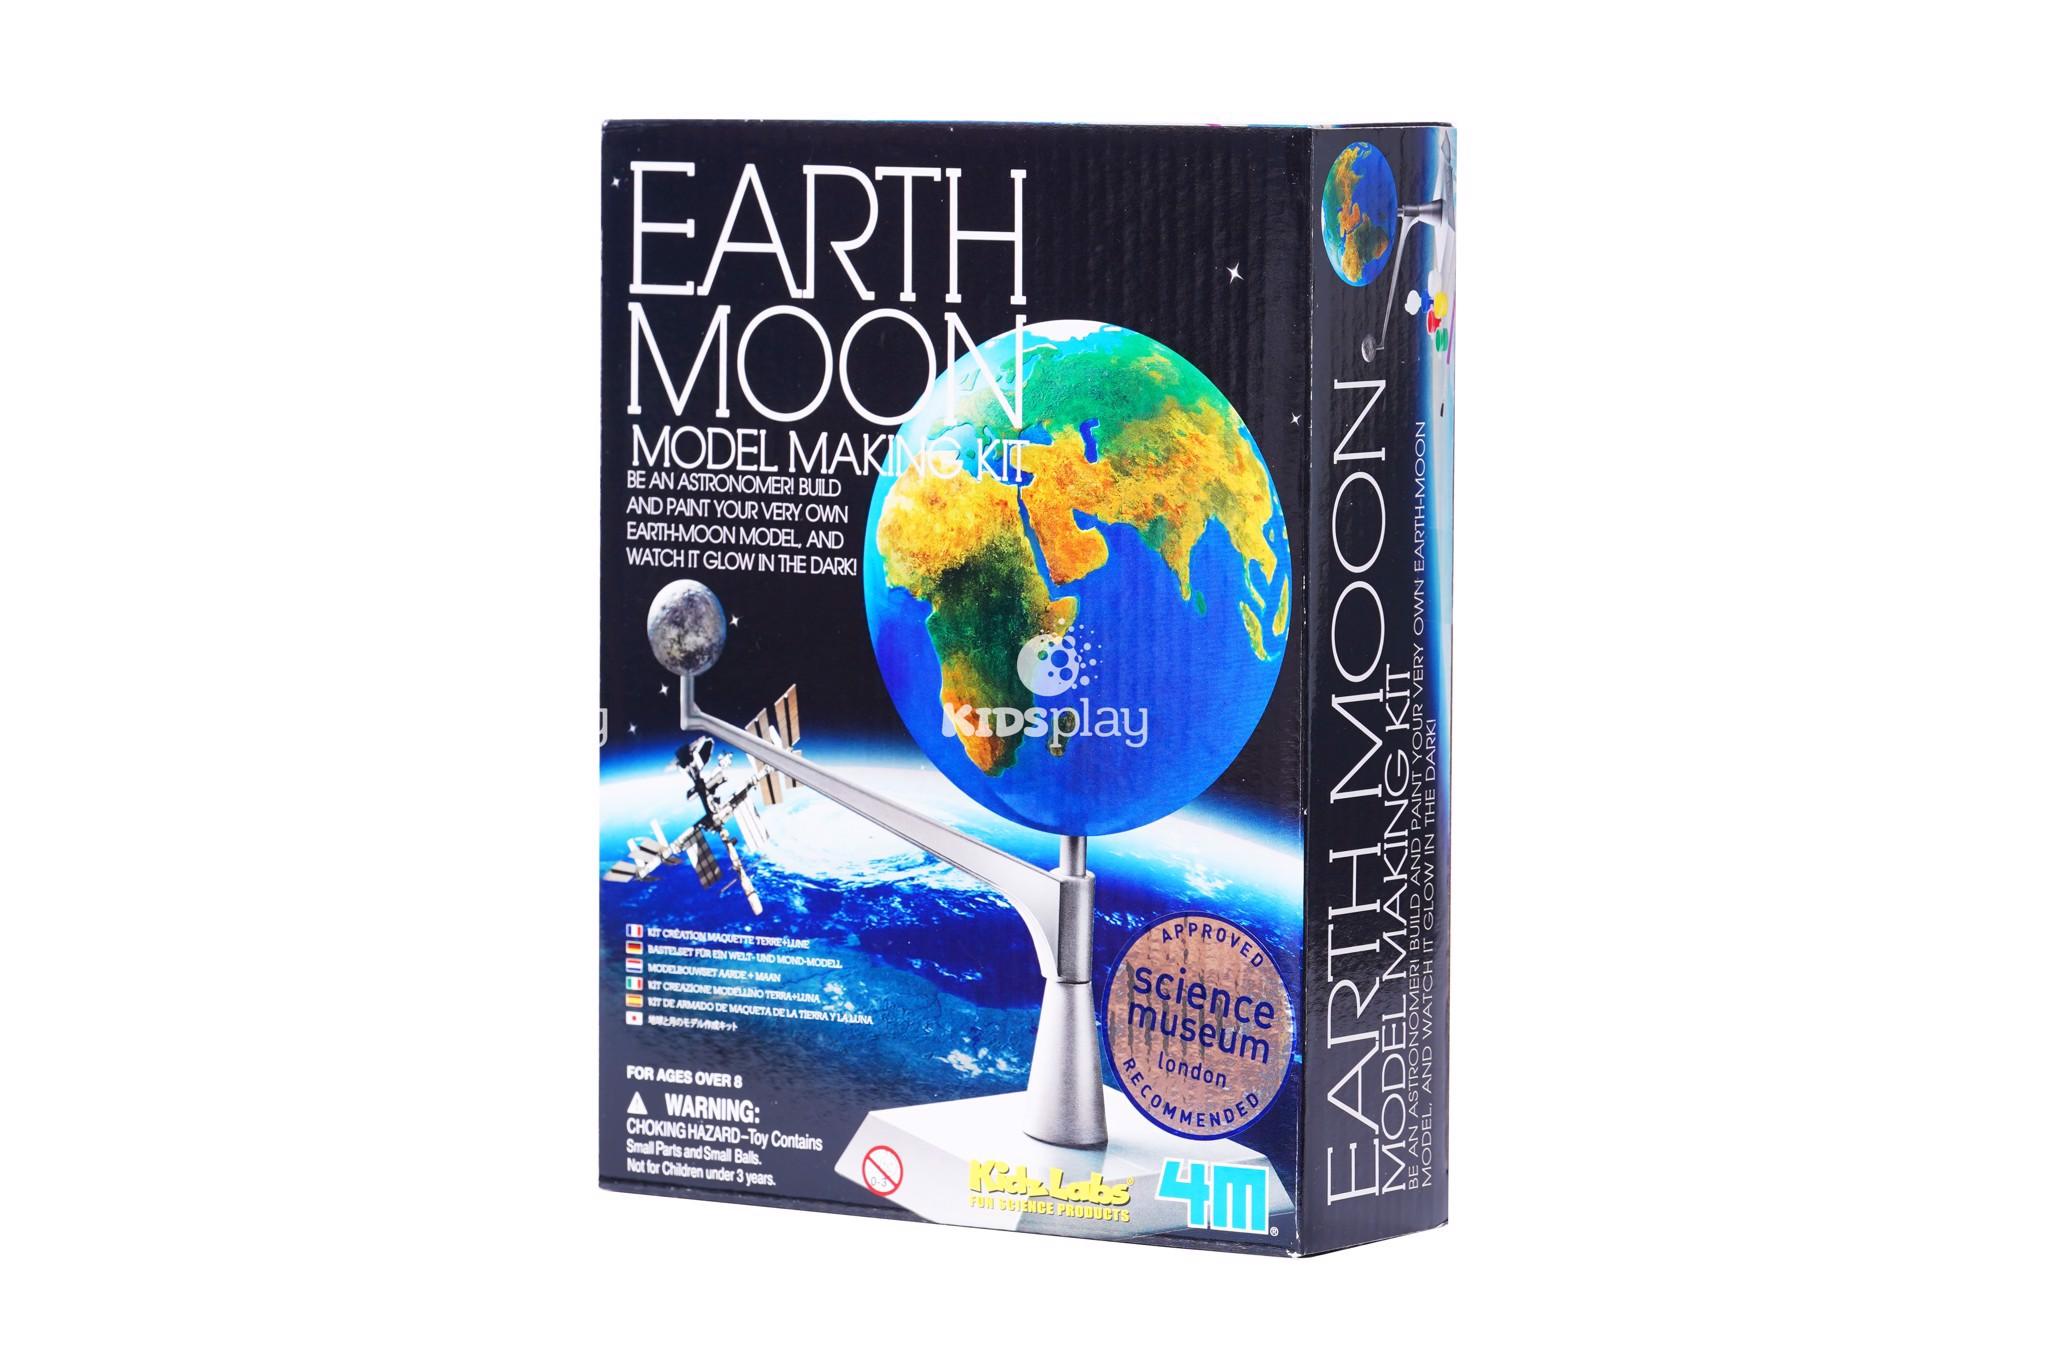 Mô hình trái đất mặt trăng Earth Moon - Đồ chơi khoa học vũ trụ